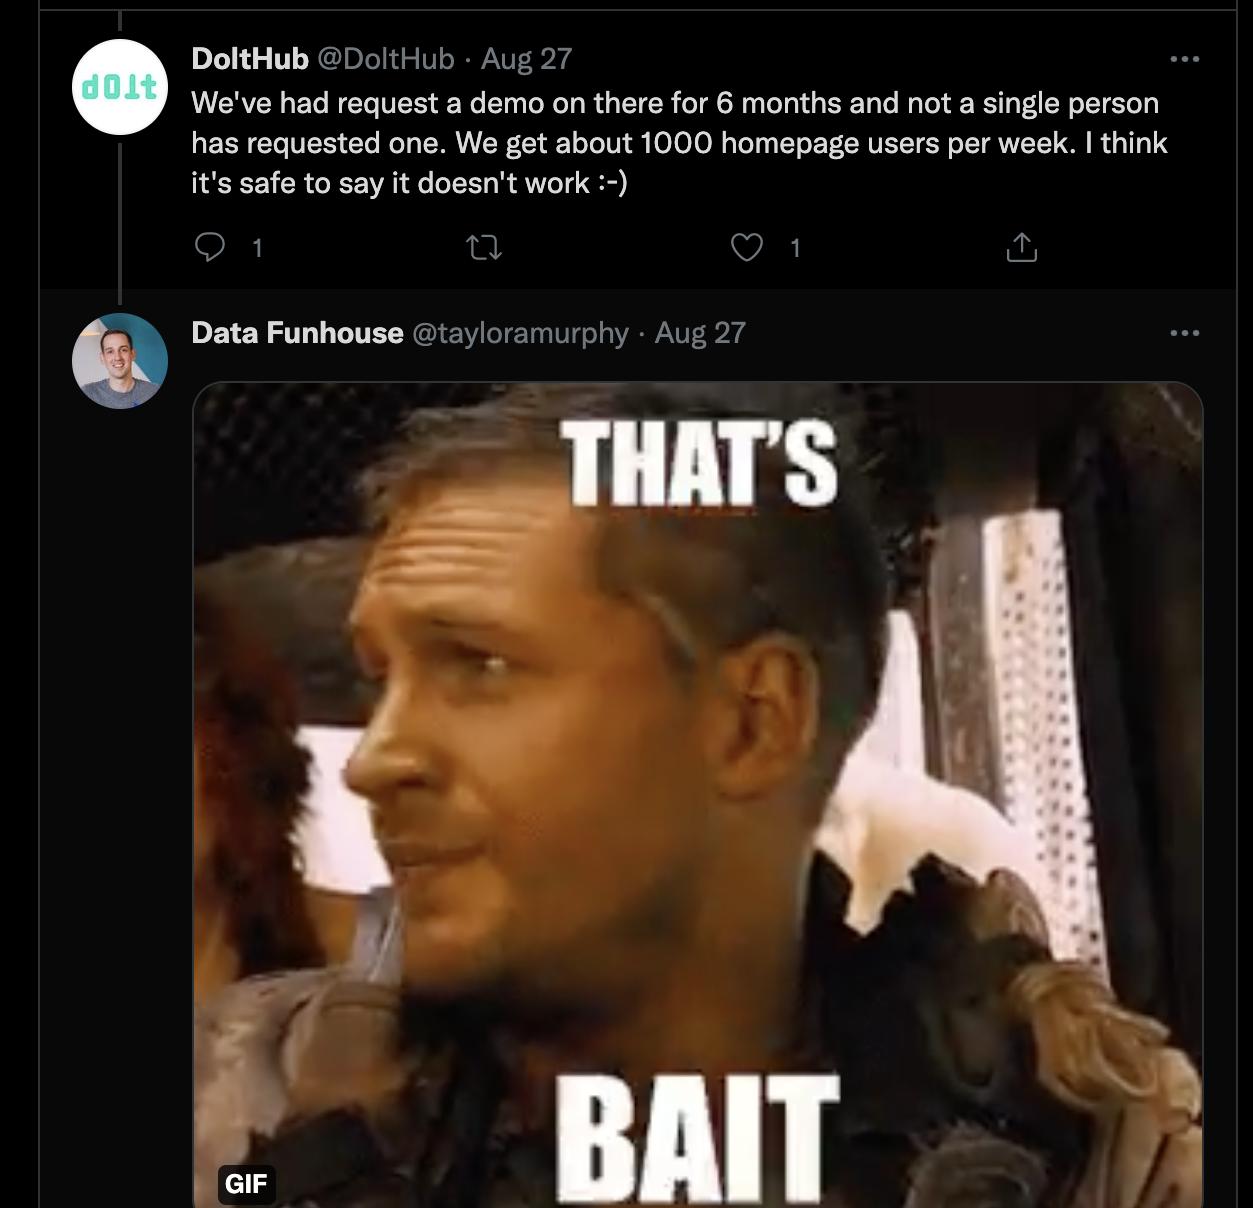 baittake2